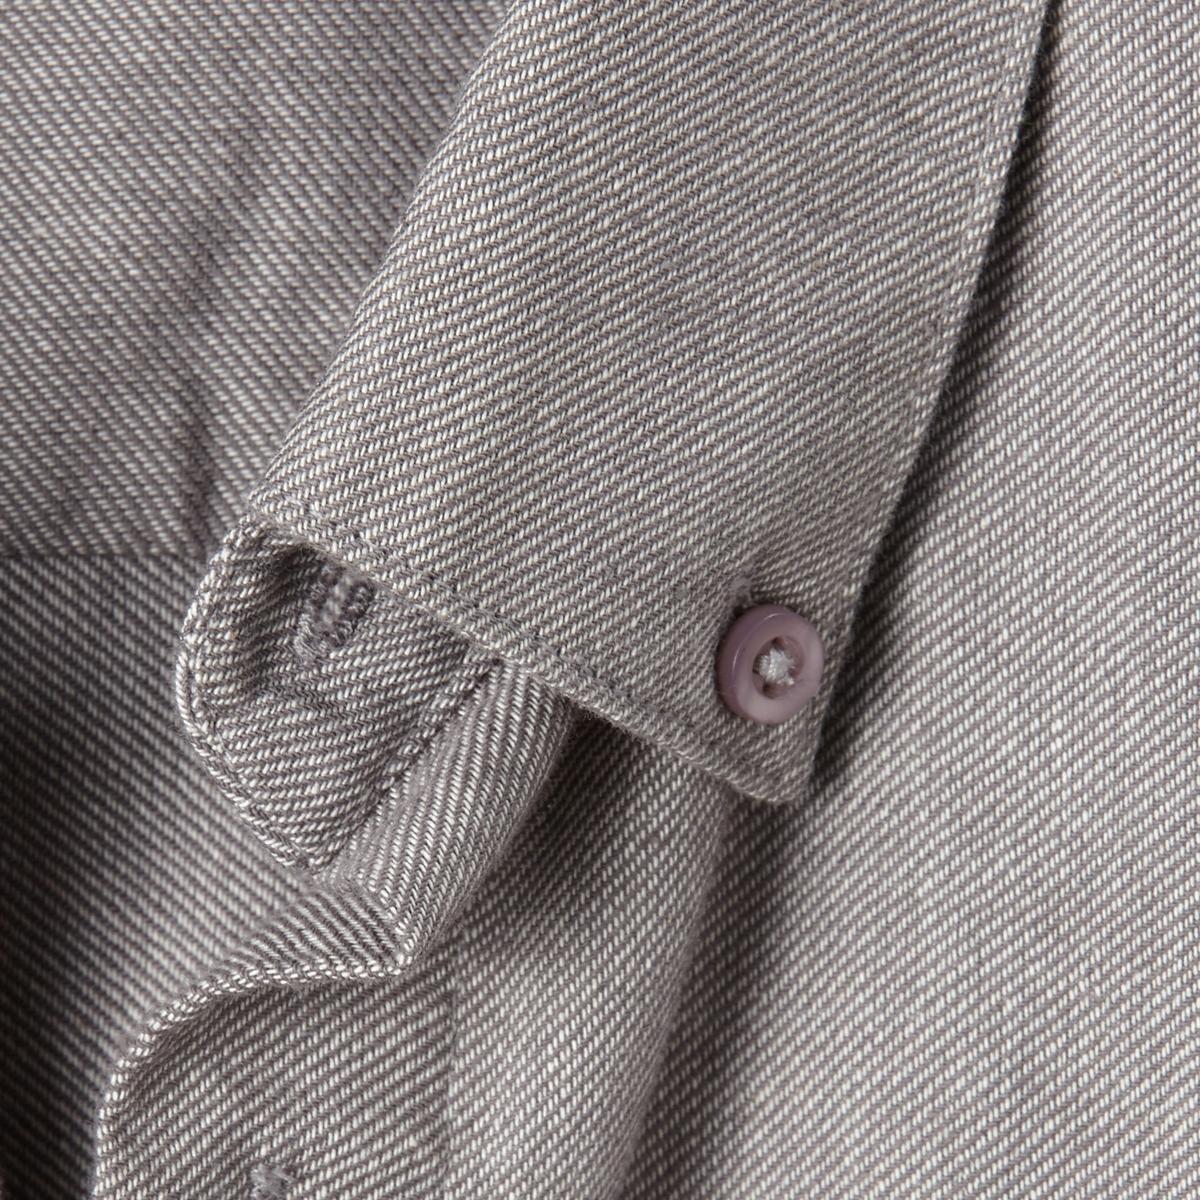 Рубашка фланелеваяРубашка фланелевая. Длинные рукава. Воротник с застежкой на пуговицы. 2 складки сзади для большего комфорта. Фланель, 100% хлопка. Длина 85 см .<br><br>Цвет: серый<br>Размер: 47/48